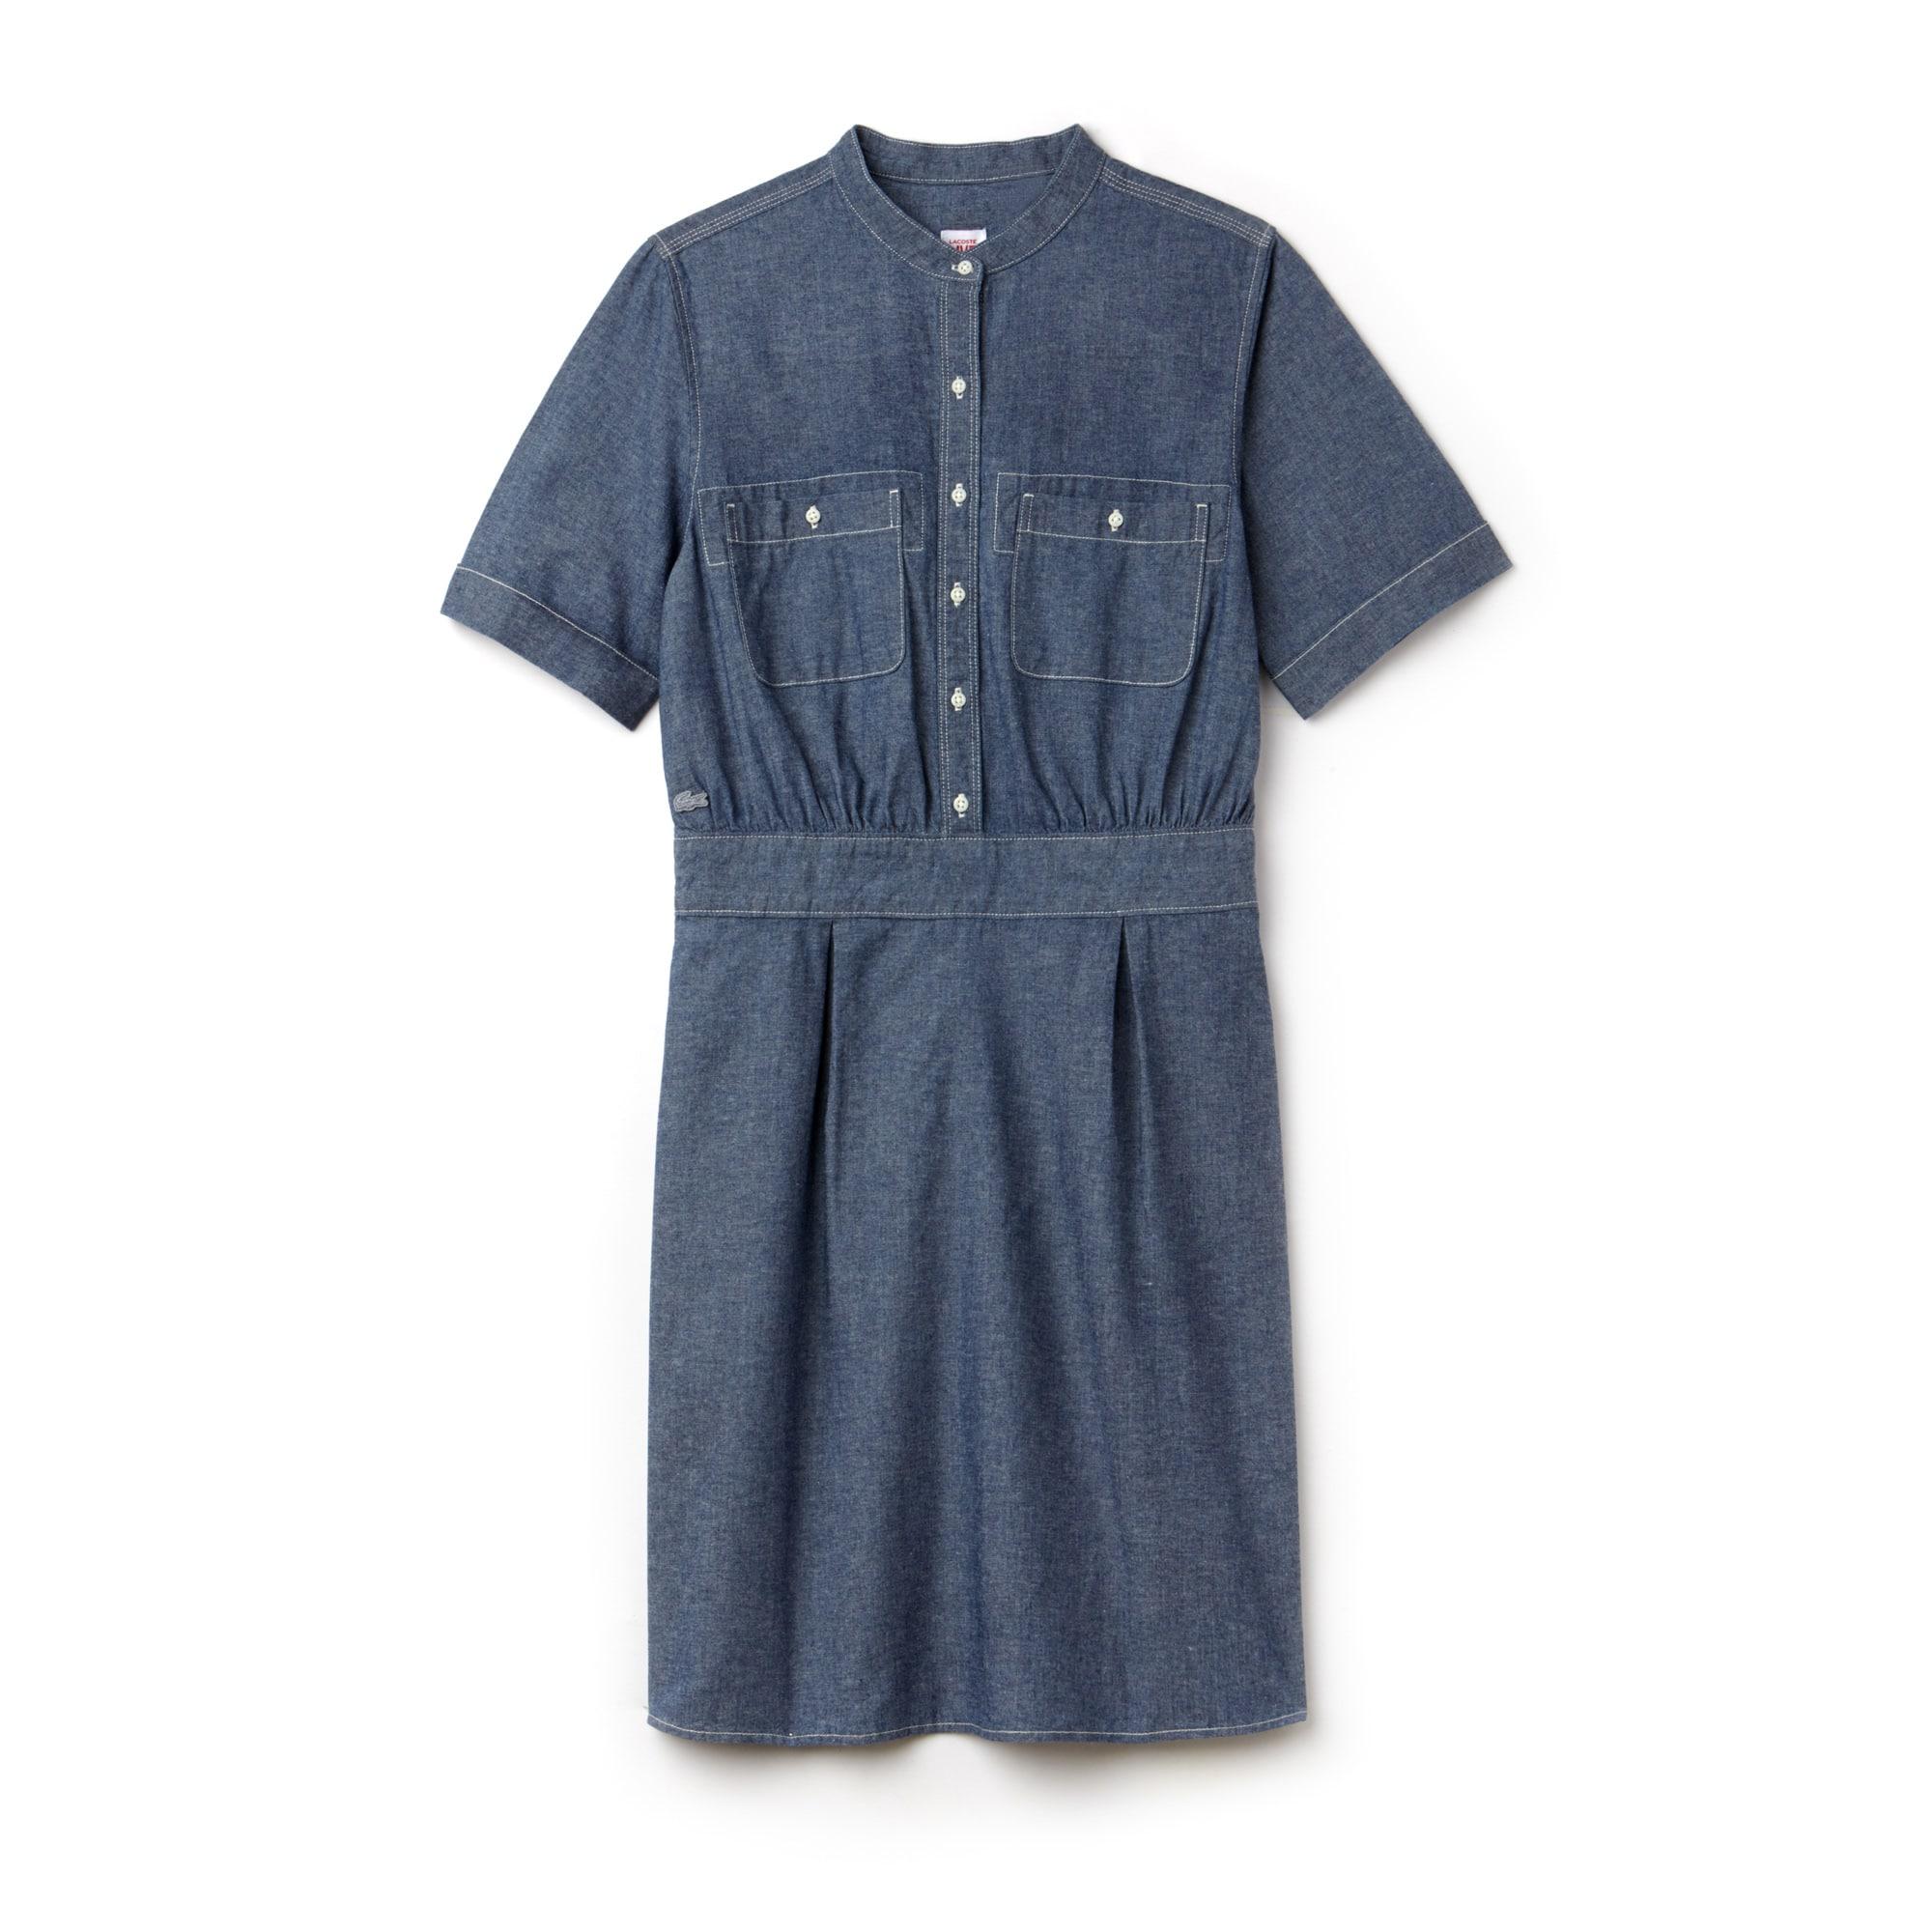 Damen-Kleid aus Baumwoll-Chambray mit Mandarinkragen LACOSTE L!VE